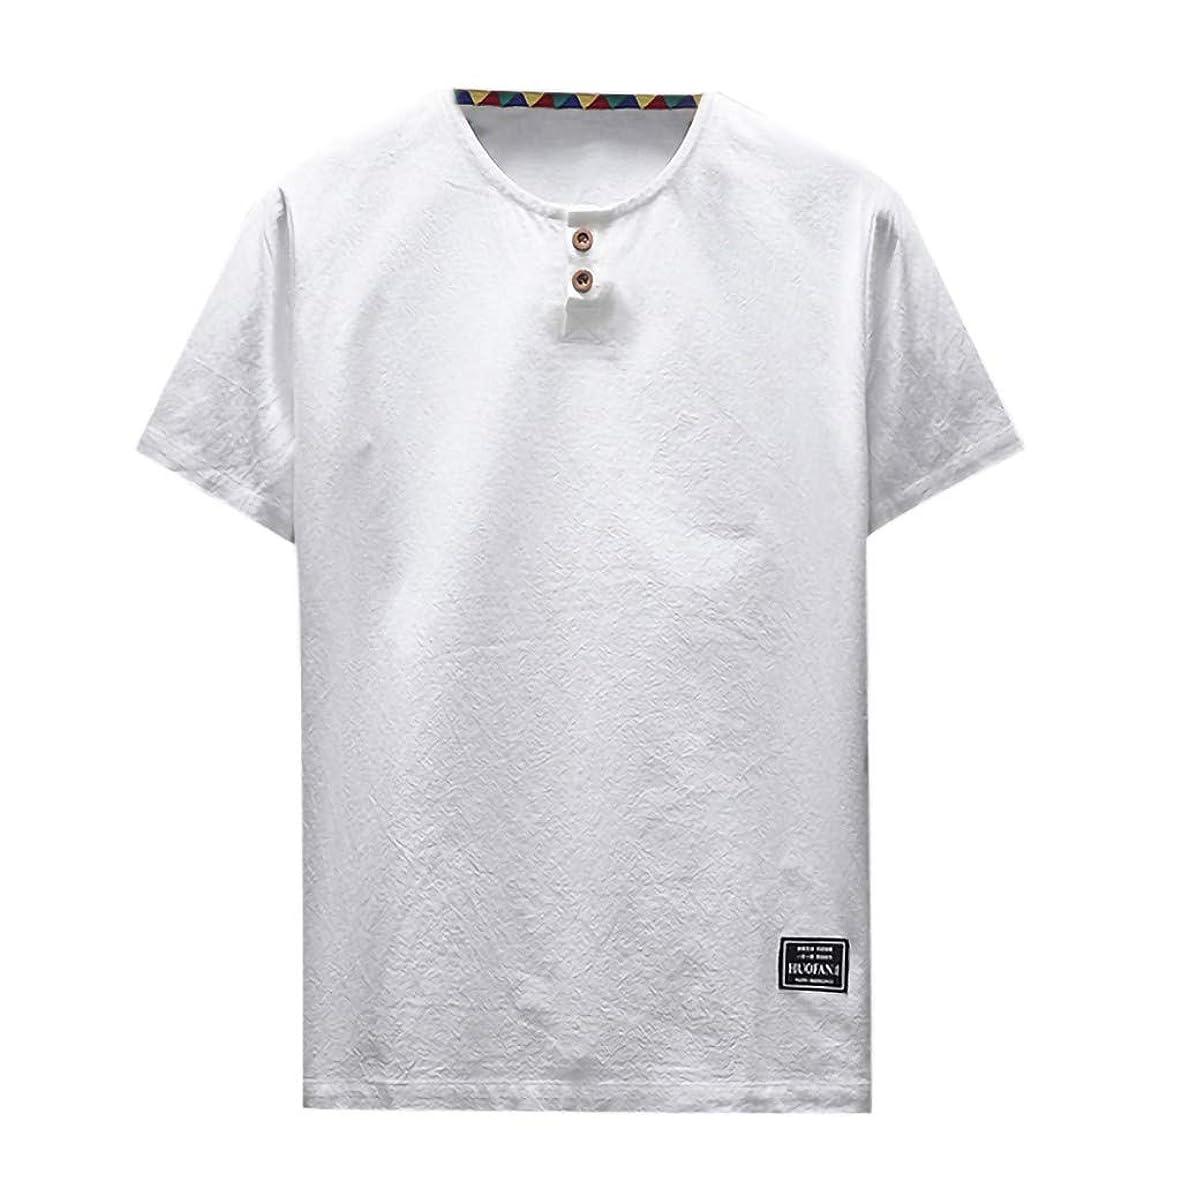 住居熟読する西部OD企画 Tシャツ メンズ 半袖 シャツ メンズ tシャツ メンズ おおきいサイズ 日系 綿麻 丸首 半袖シャツ シャツ 半袖 ブラウス トップス ゆるtシャツ 春夏節対応 おしゃれ ゆったり カットソー ファッション 夏服